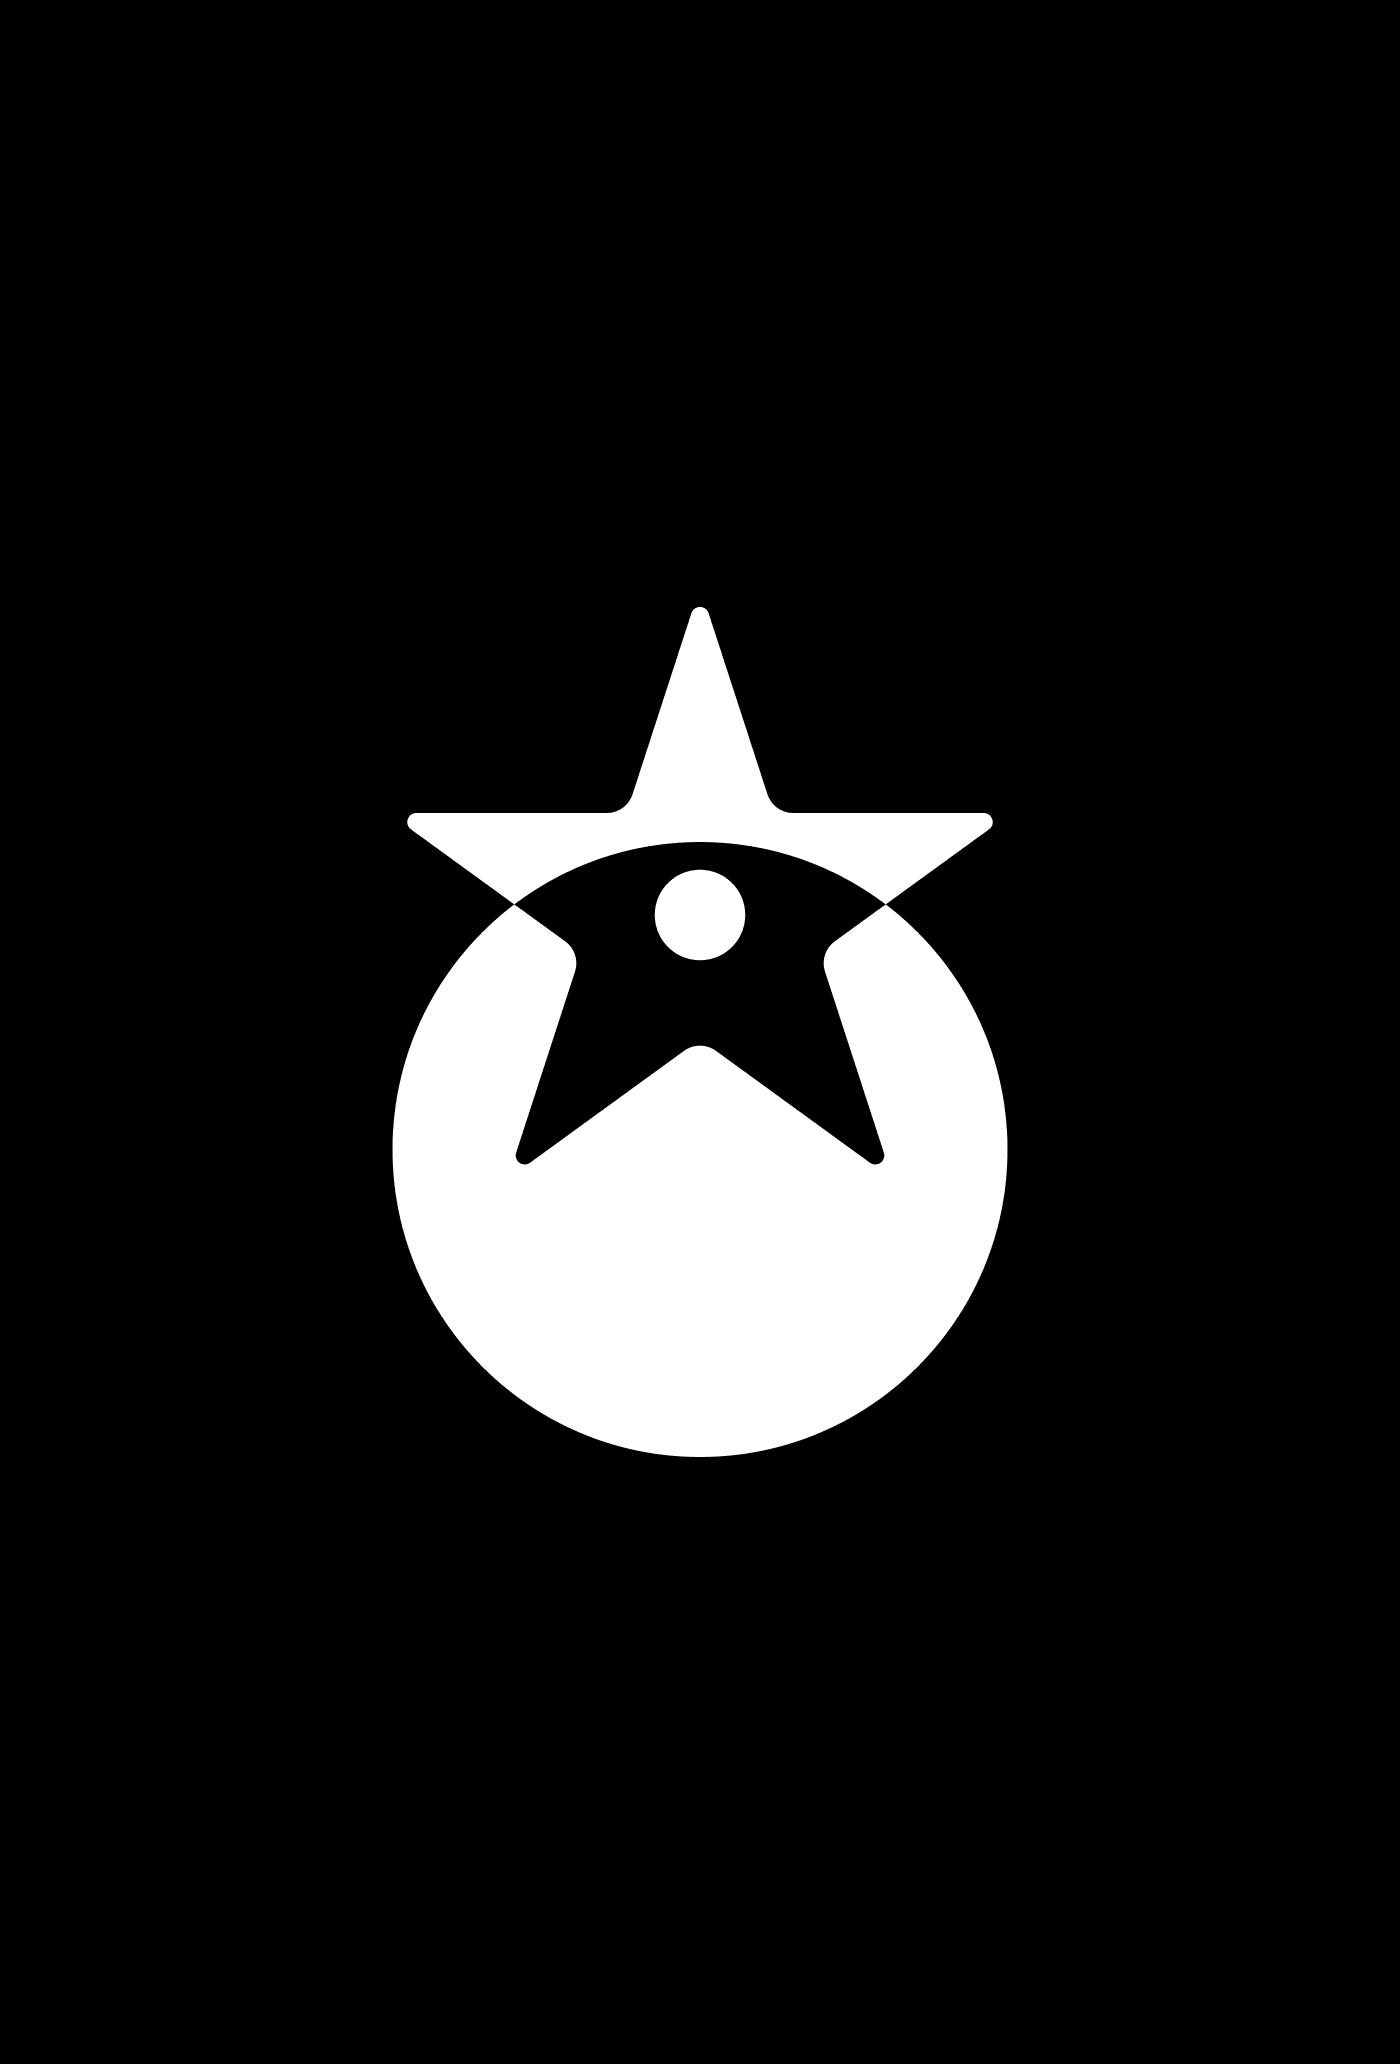 BrunoSilva-Logos-010